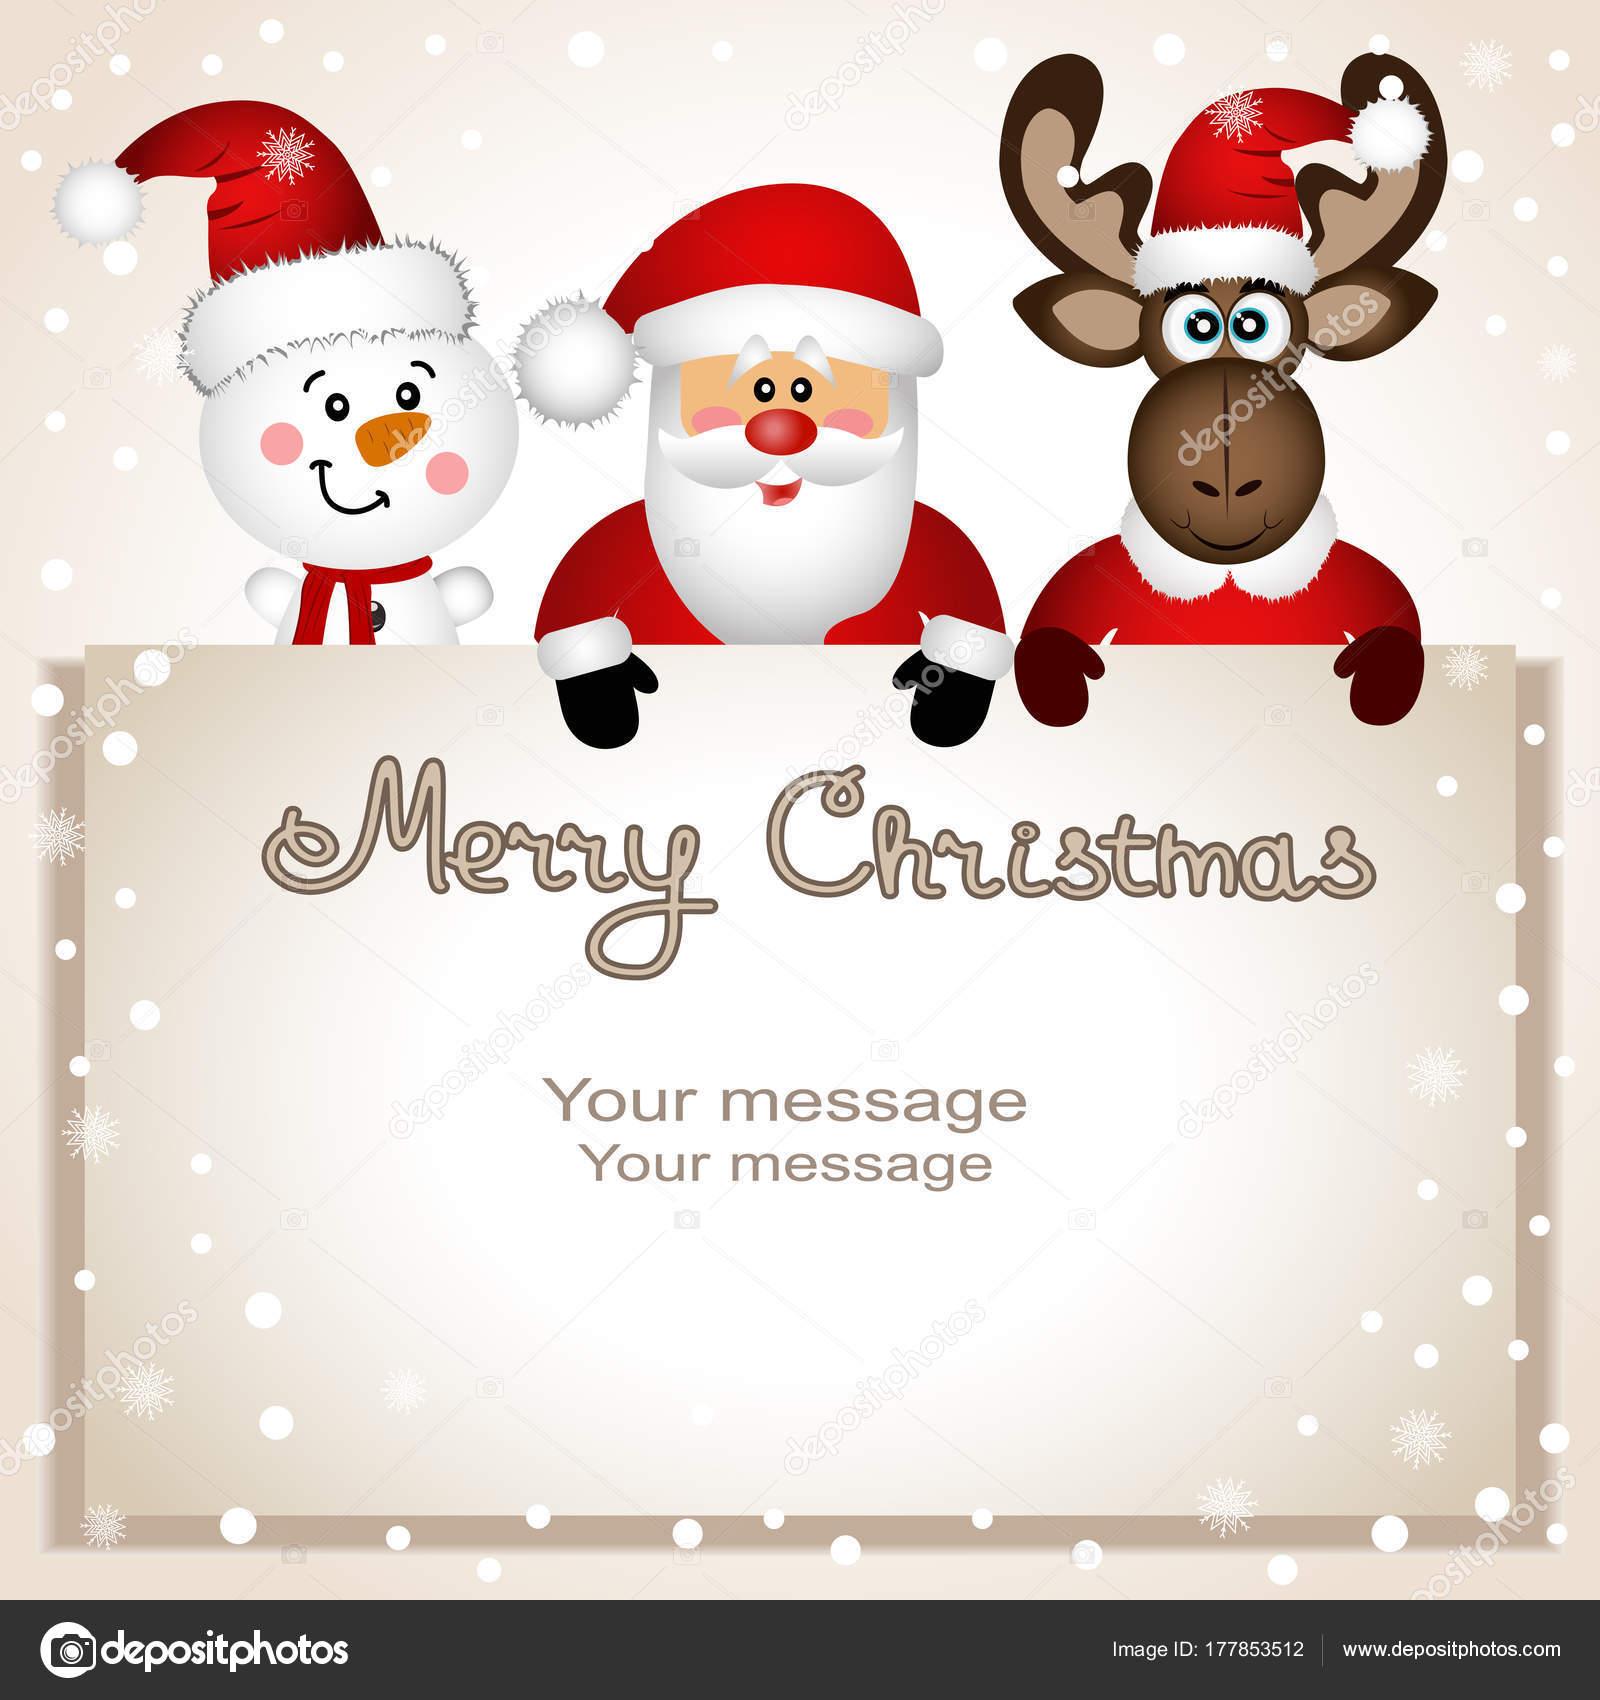 weihnachtskarte lustige postkarte mit schneemann elch. Black Bedroom Furniture Sets. Home Design Ideas